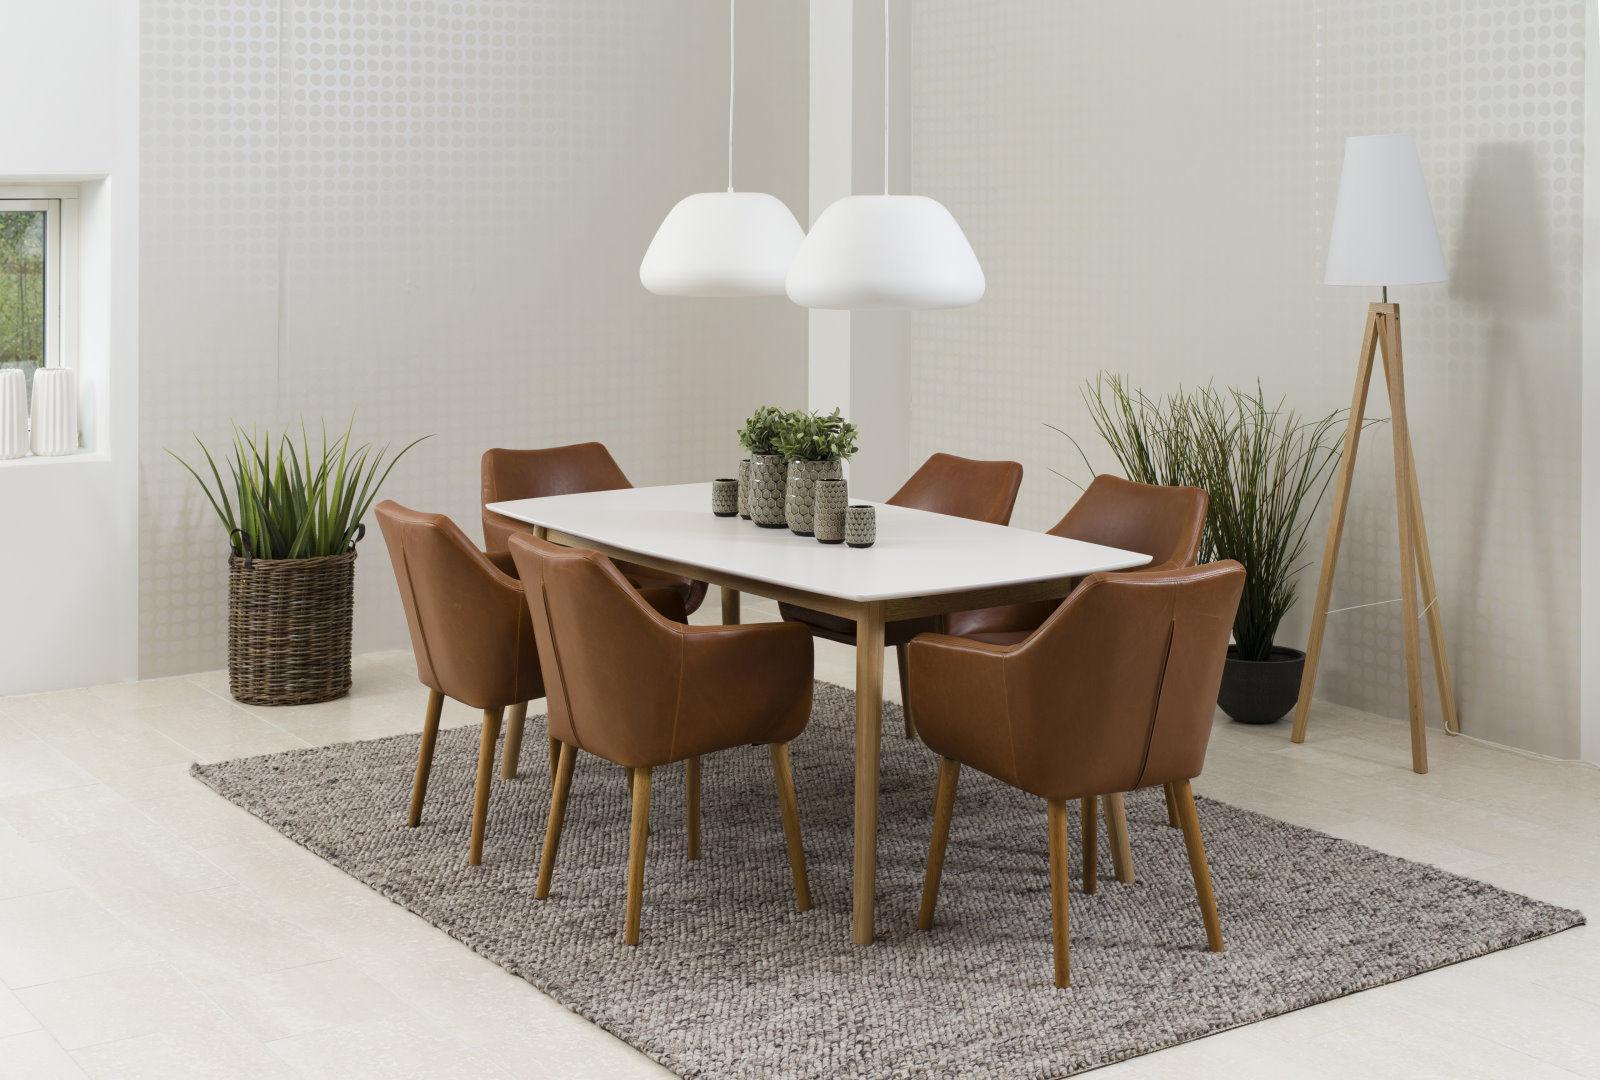 pkline armstuhl in cognac vintage sessel stuhl polsterstuhl armsessel retro m bel wohnen. Black Bedroom Furniture Sets. Home Design Ideas